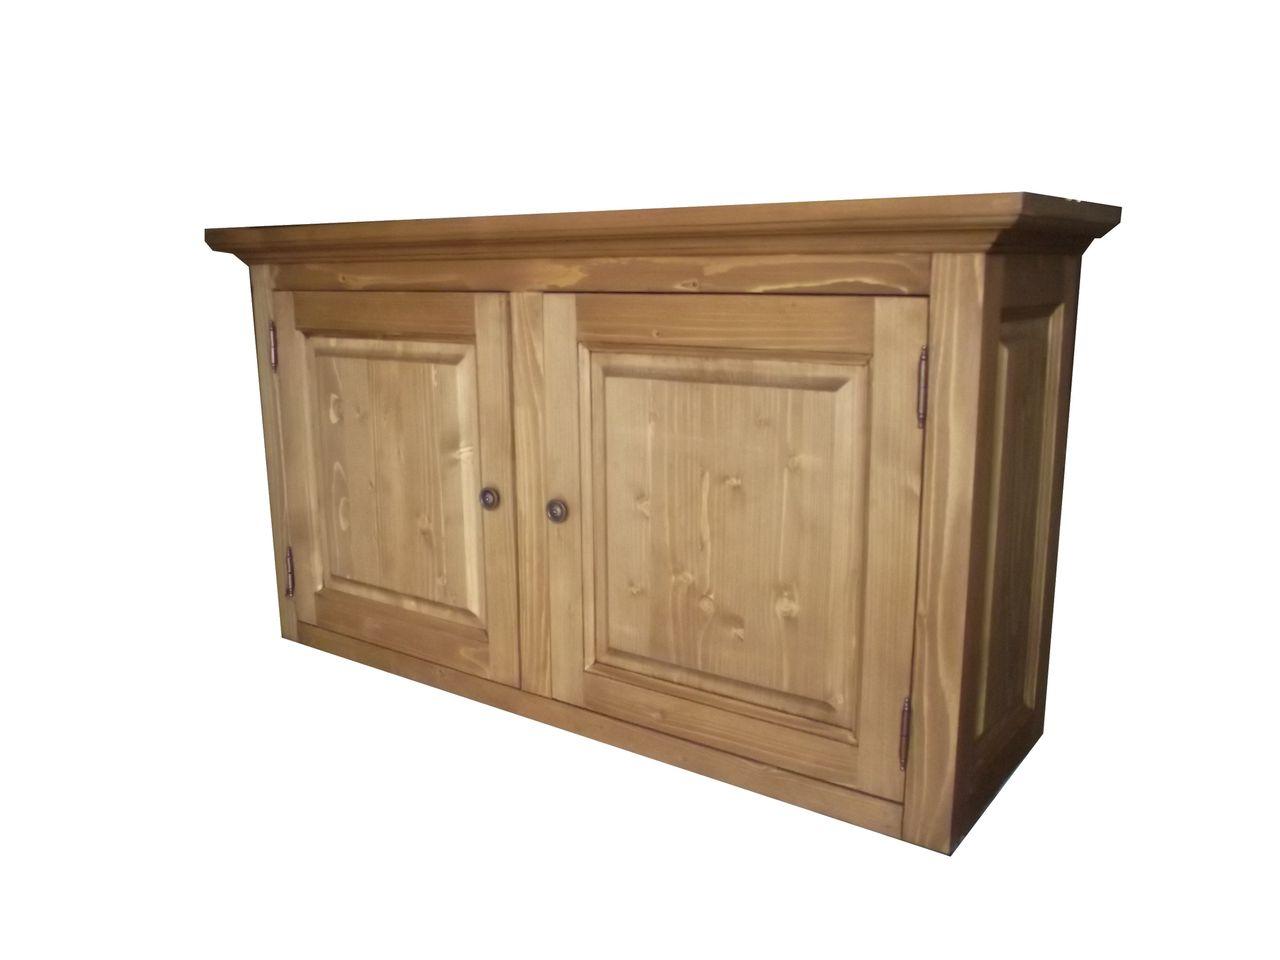 meuble haut cuisine bois brut - idée pour cuisine